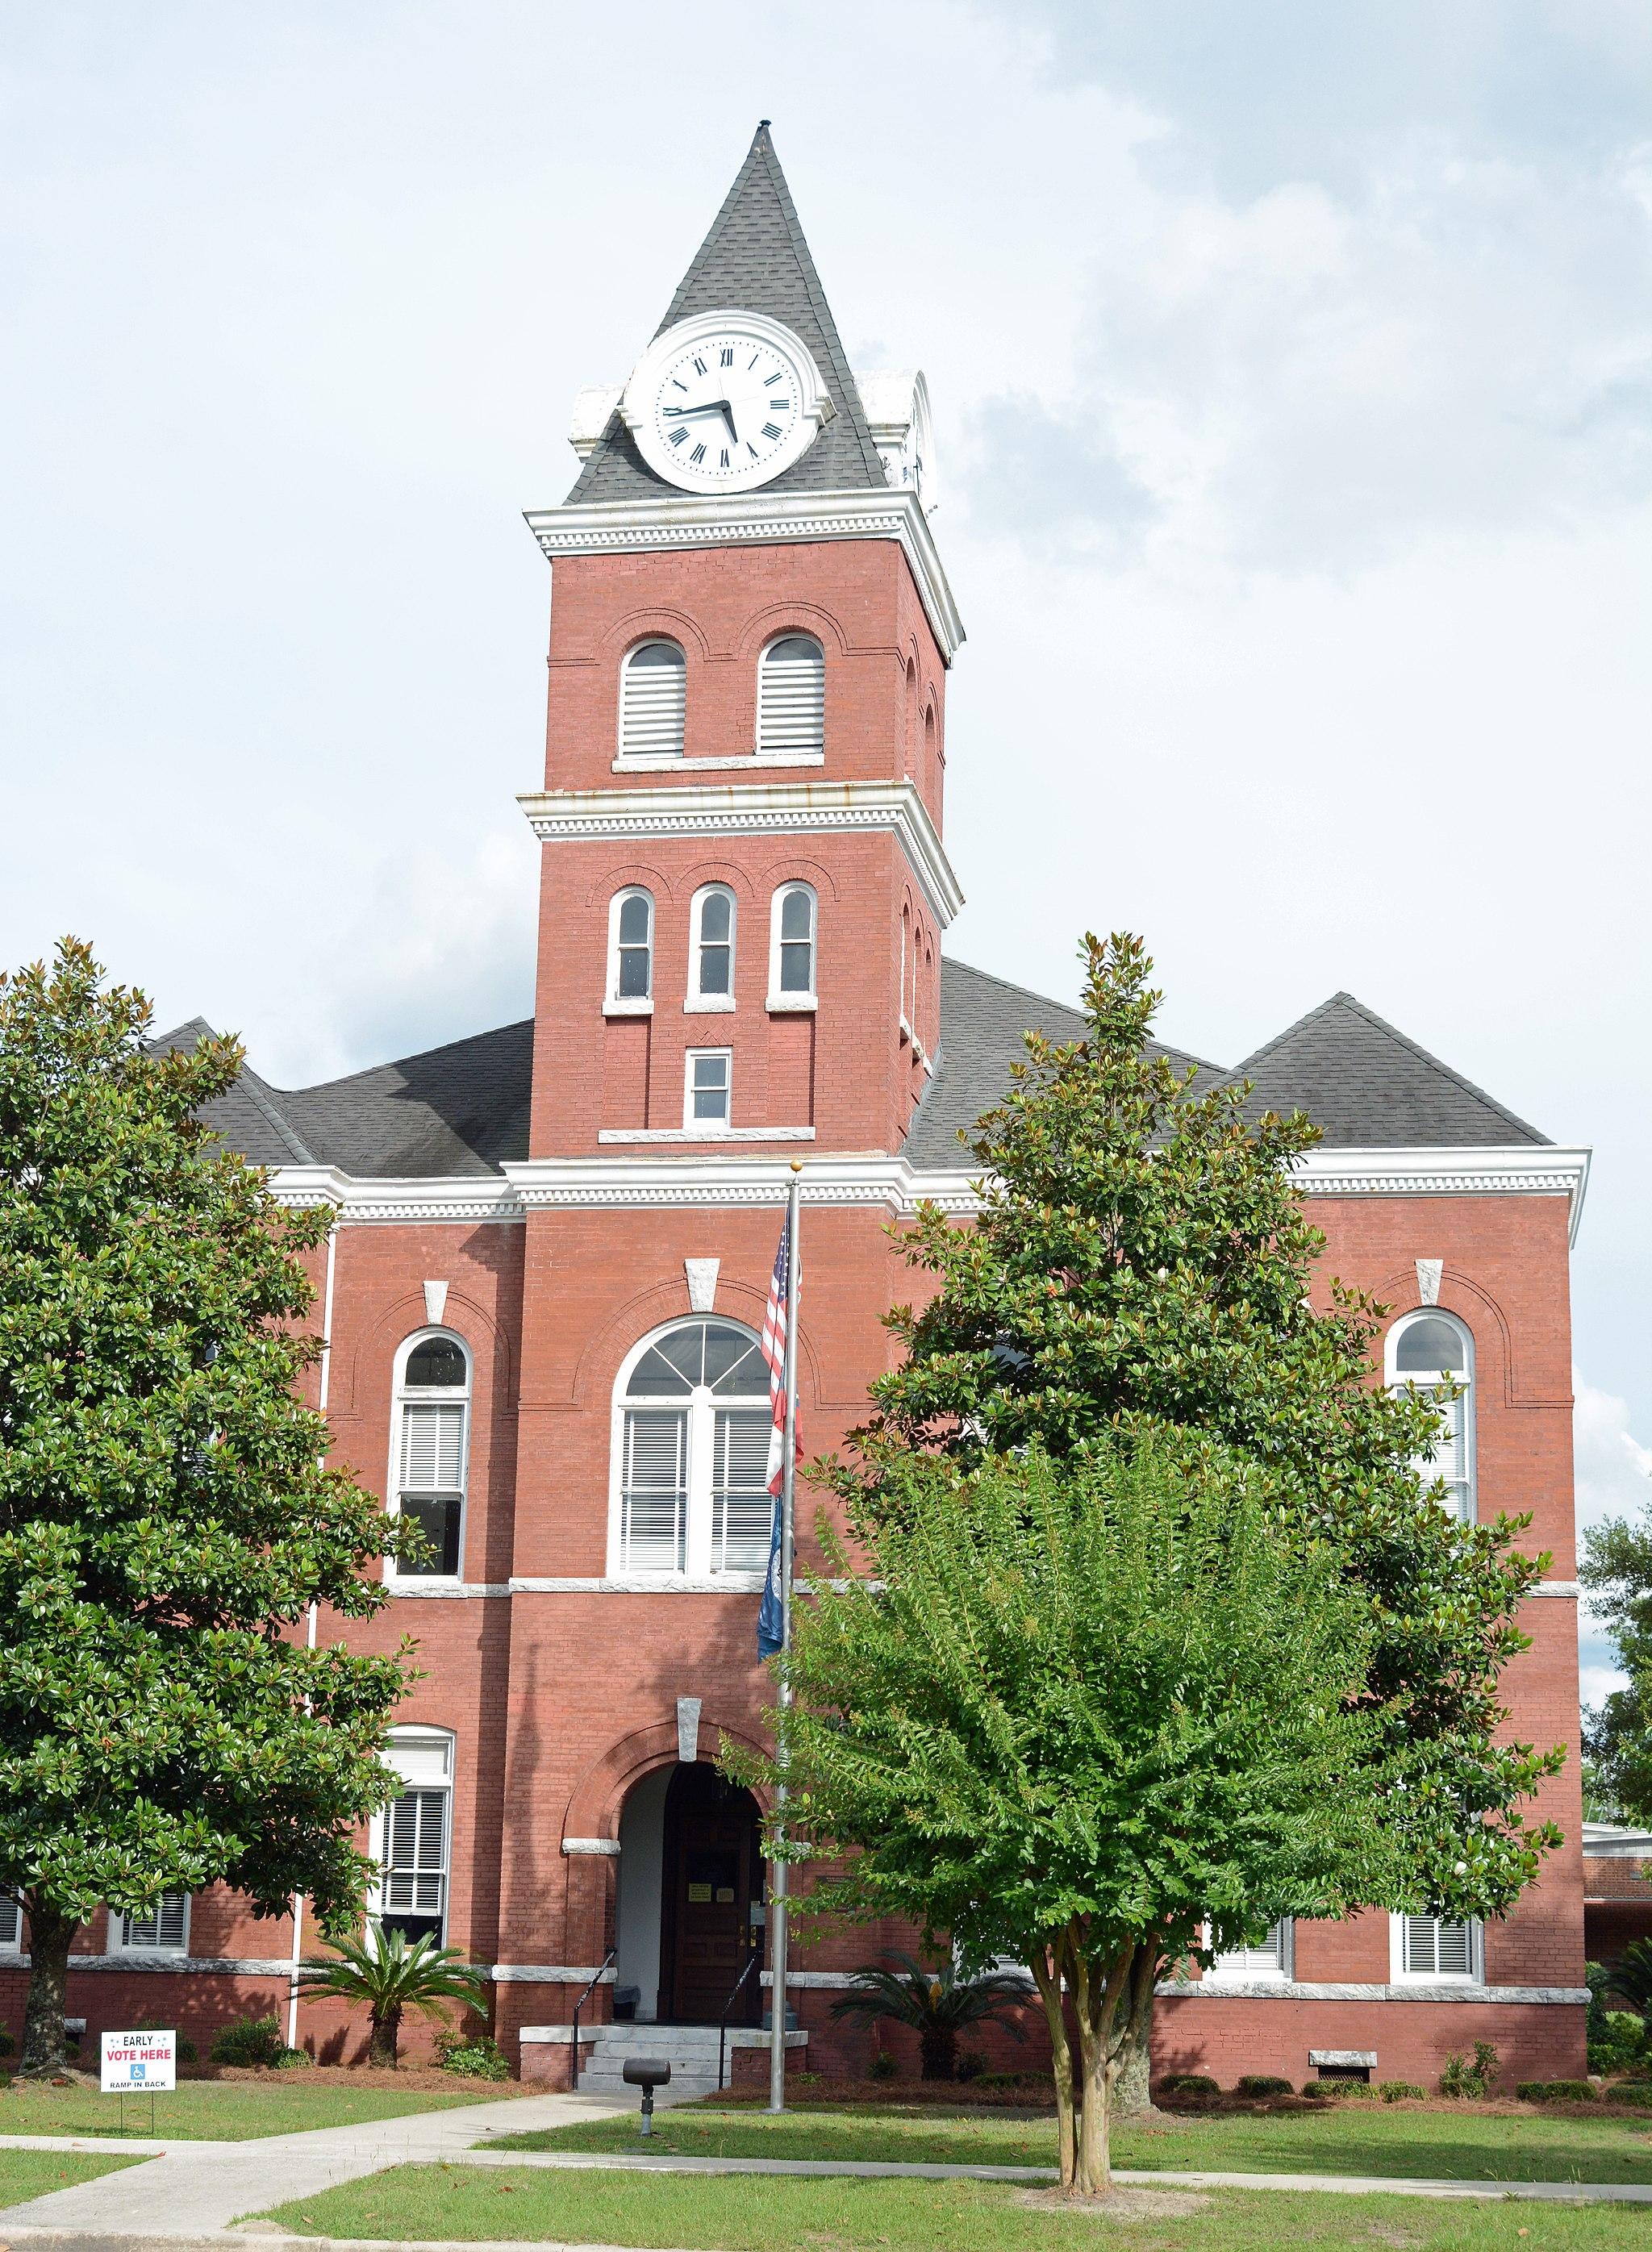 Wayne County Courthouse, Jesup, GA, USA